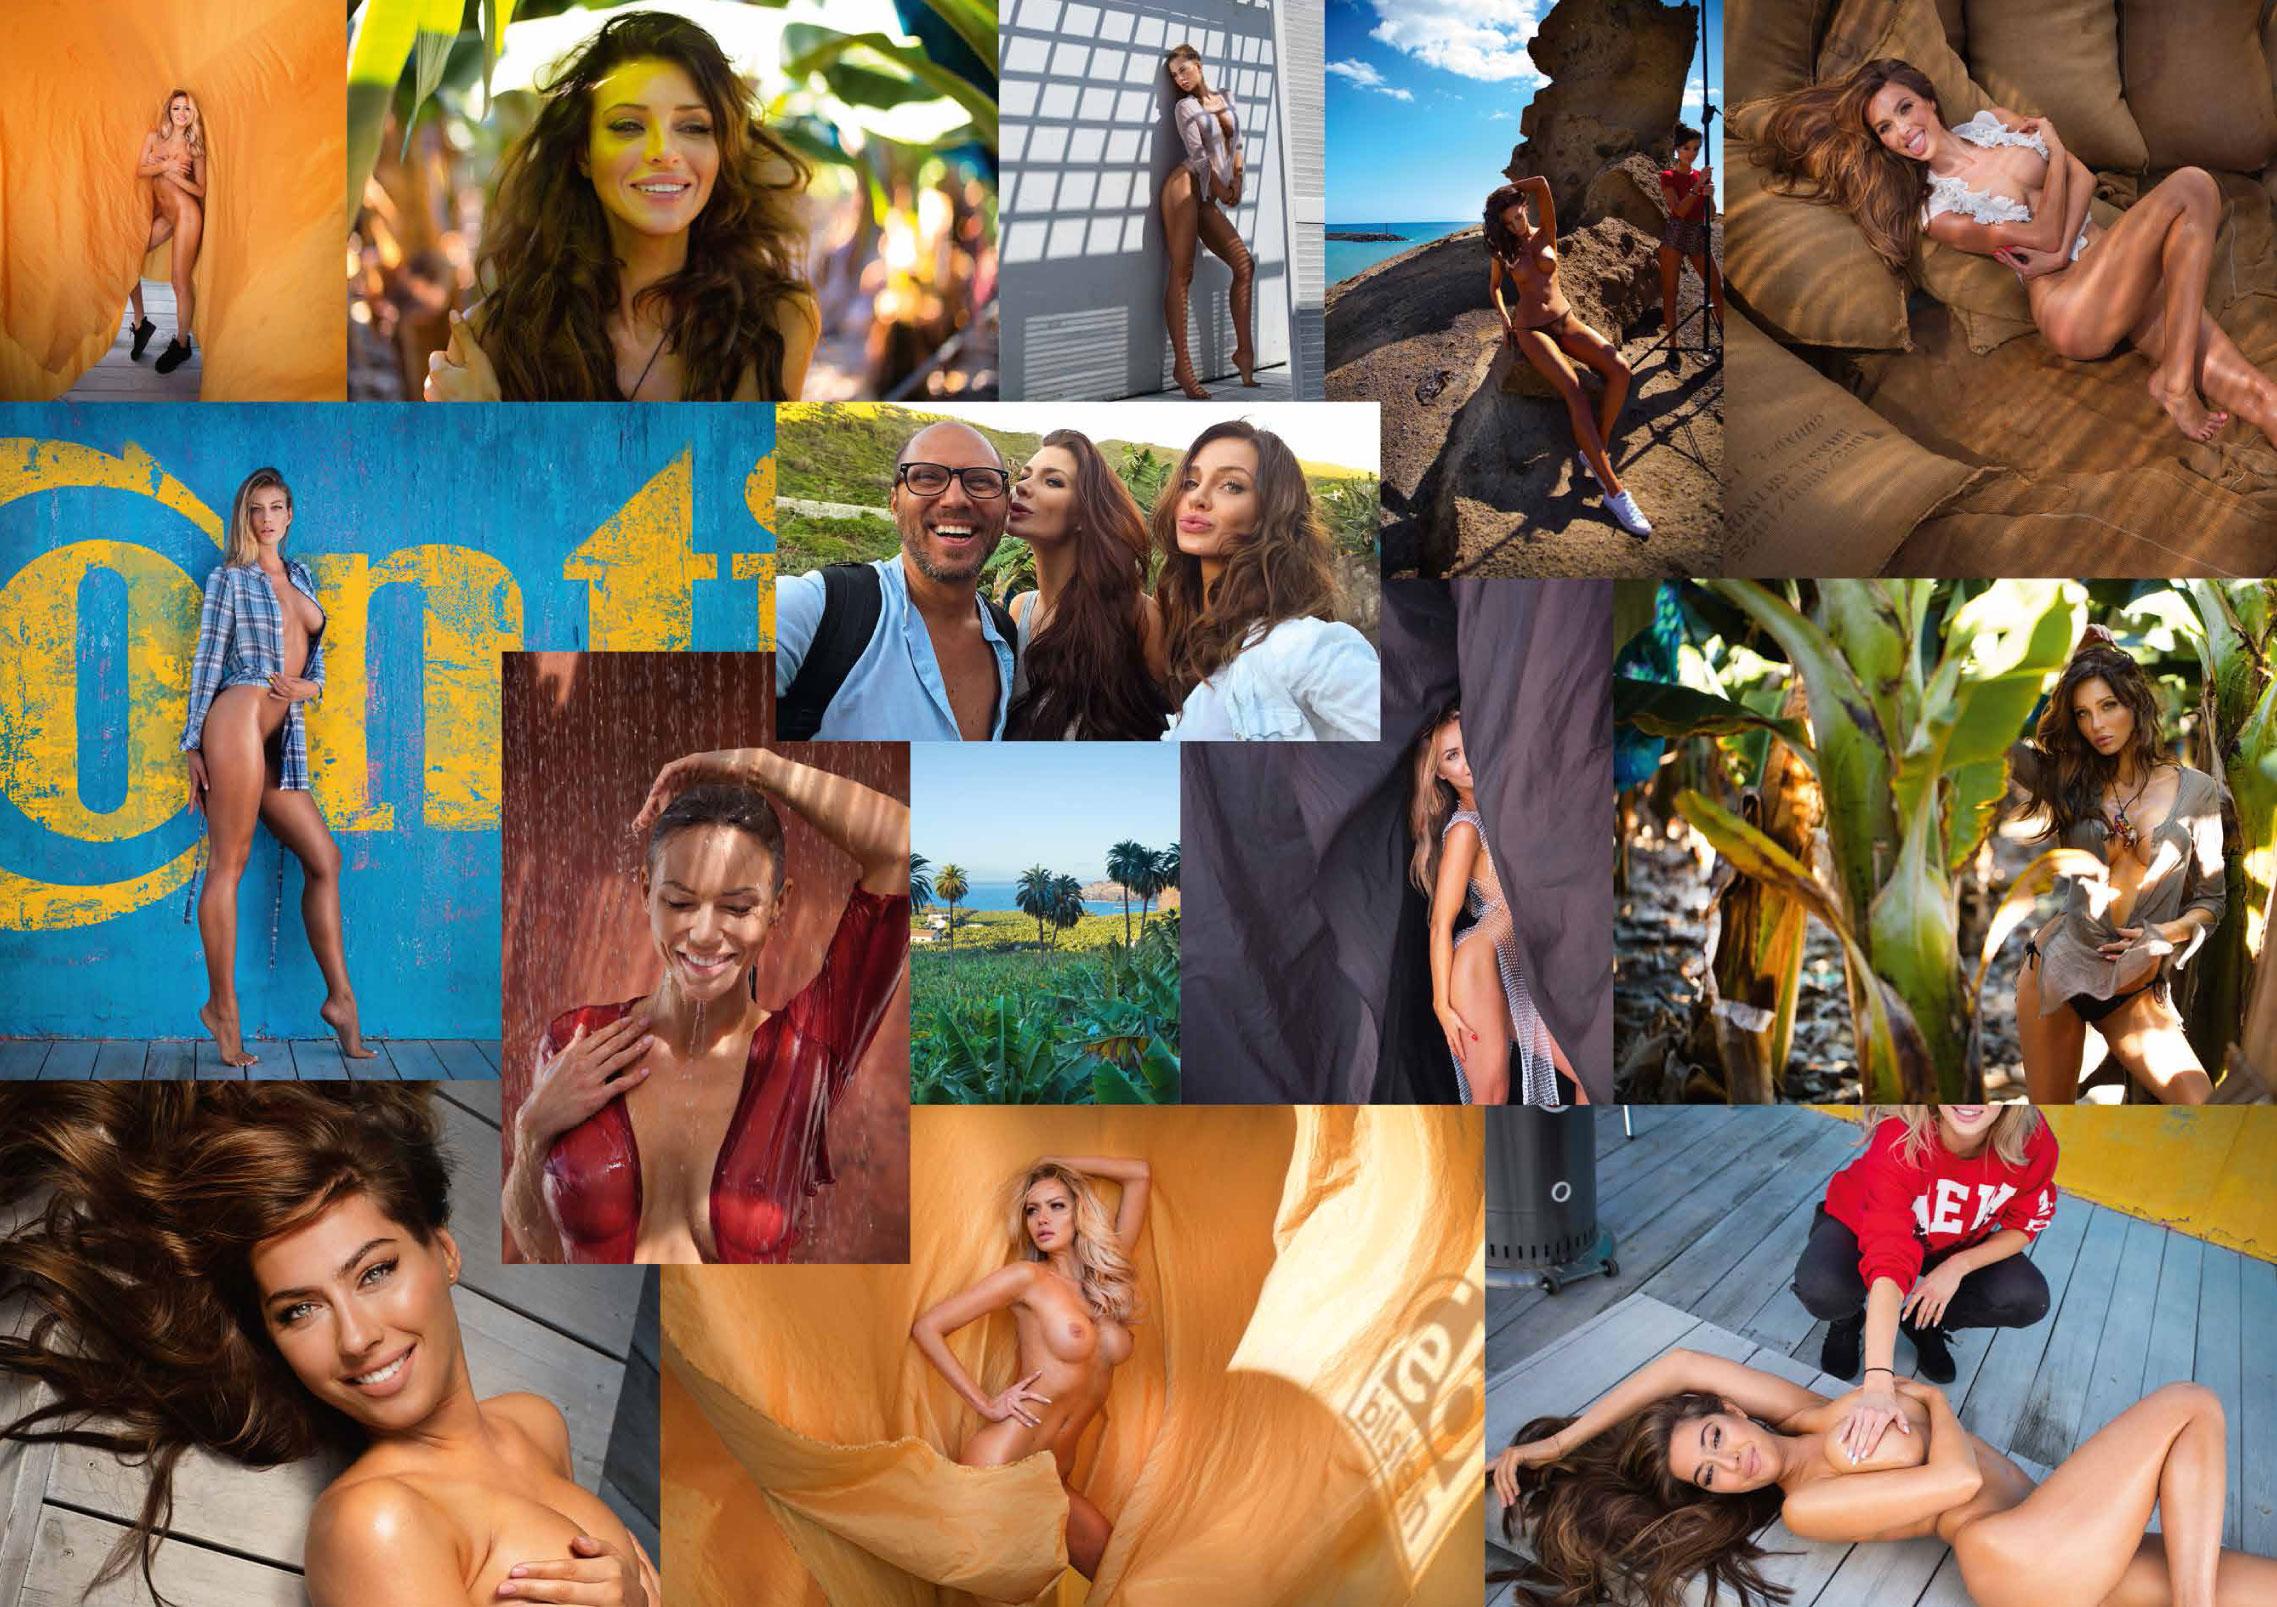 Сексуальные фотомодели в эротическом календаре Inter Cars 2020 / за кулисами съемочной площадки